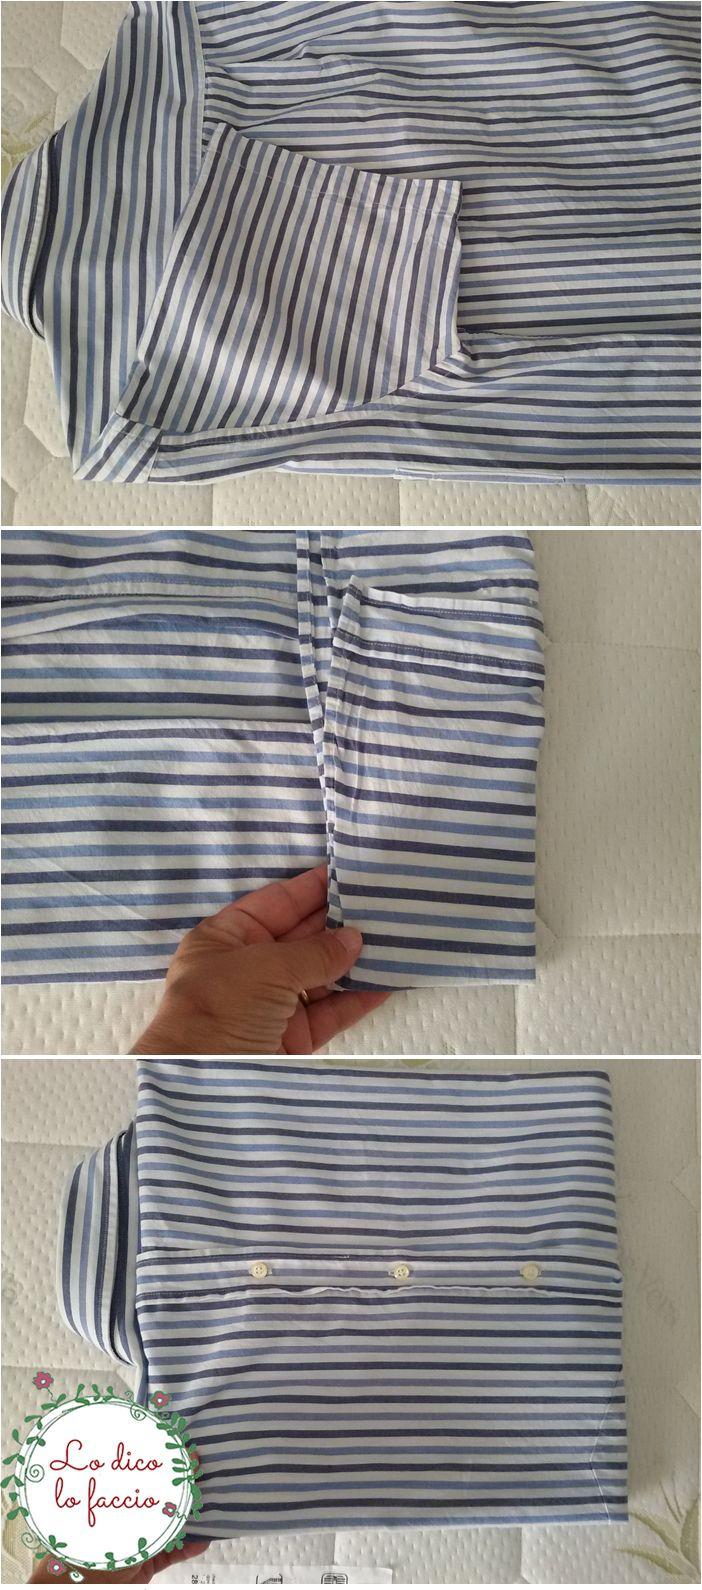 come piegare la camicia in valigia